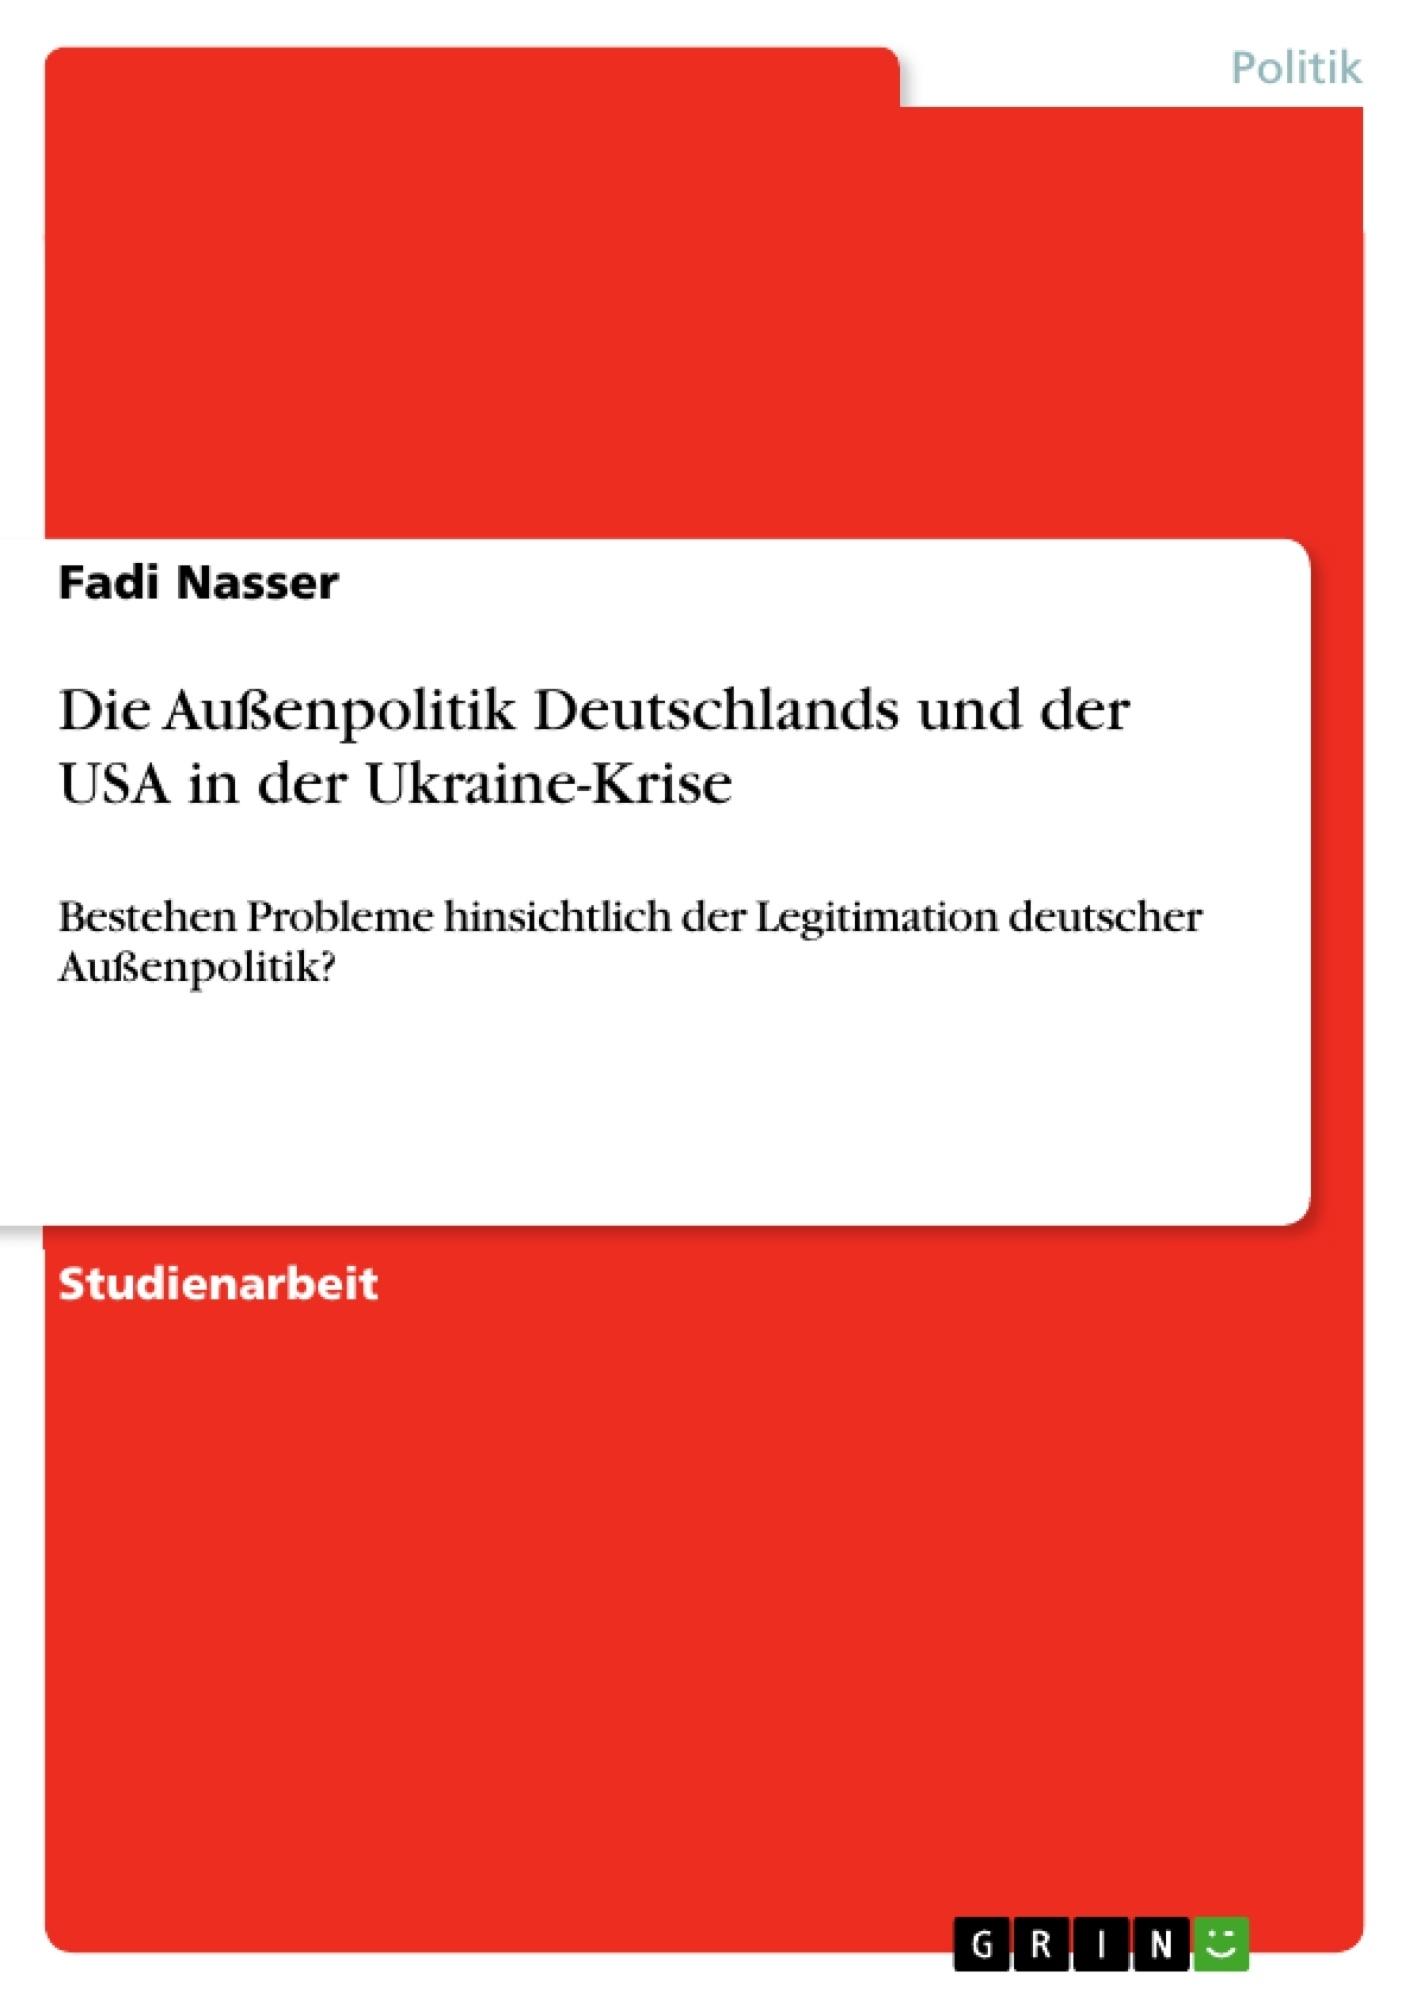 Titel: Die Außenpolitik Deutschlands und der USA in der Ukraine-Krise